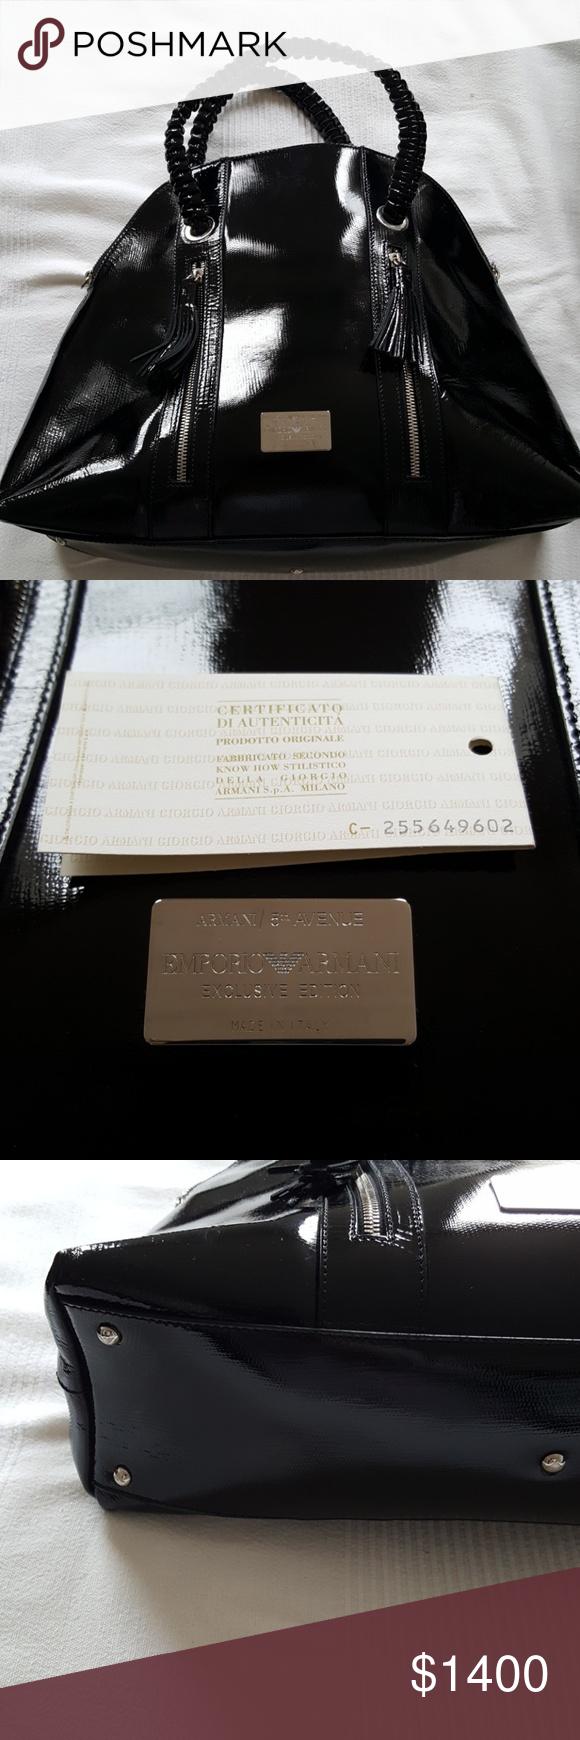 e0645406144 EMPORIO ARMANI EXCLUSIVE EDITION VINTAGE BAG AUTHENTIC vintage Emporio  Armani .. Brand new unused unworn